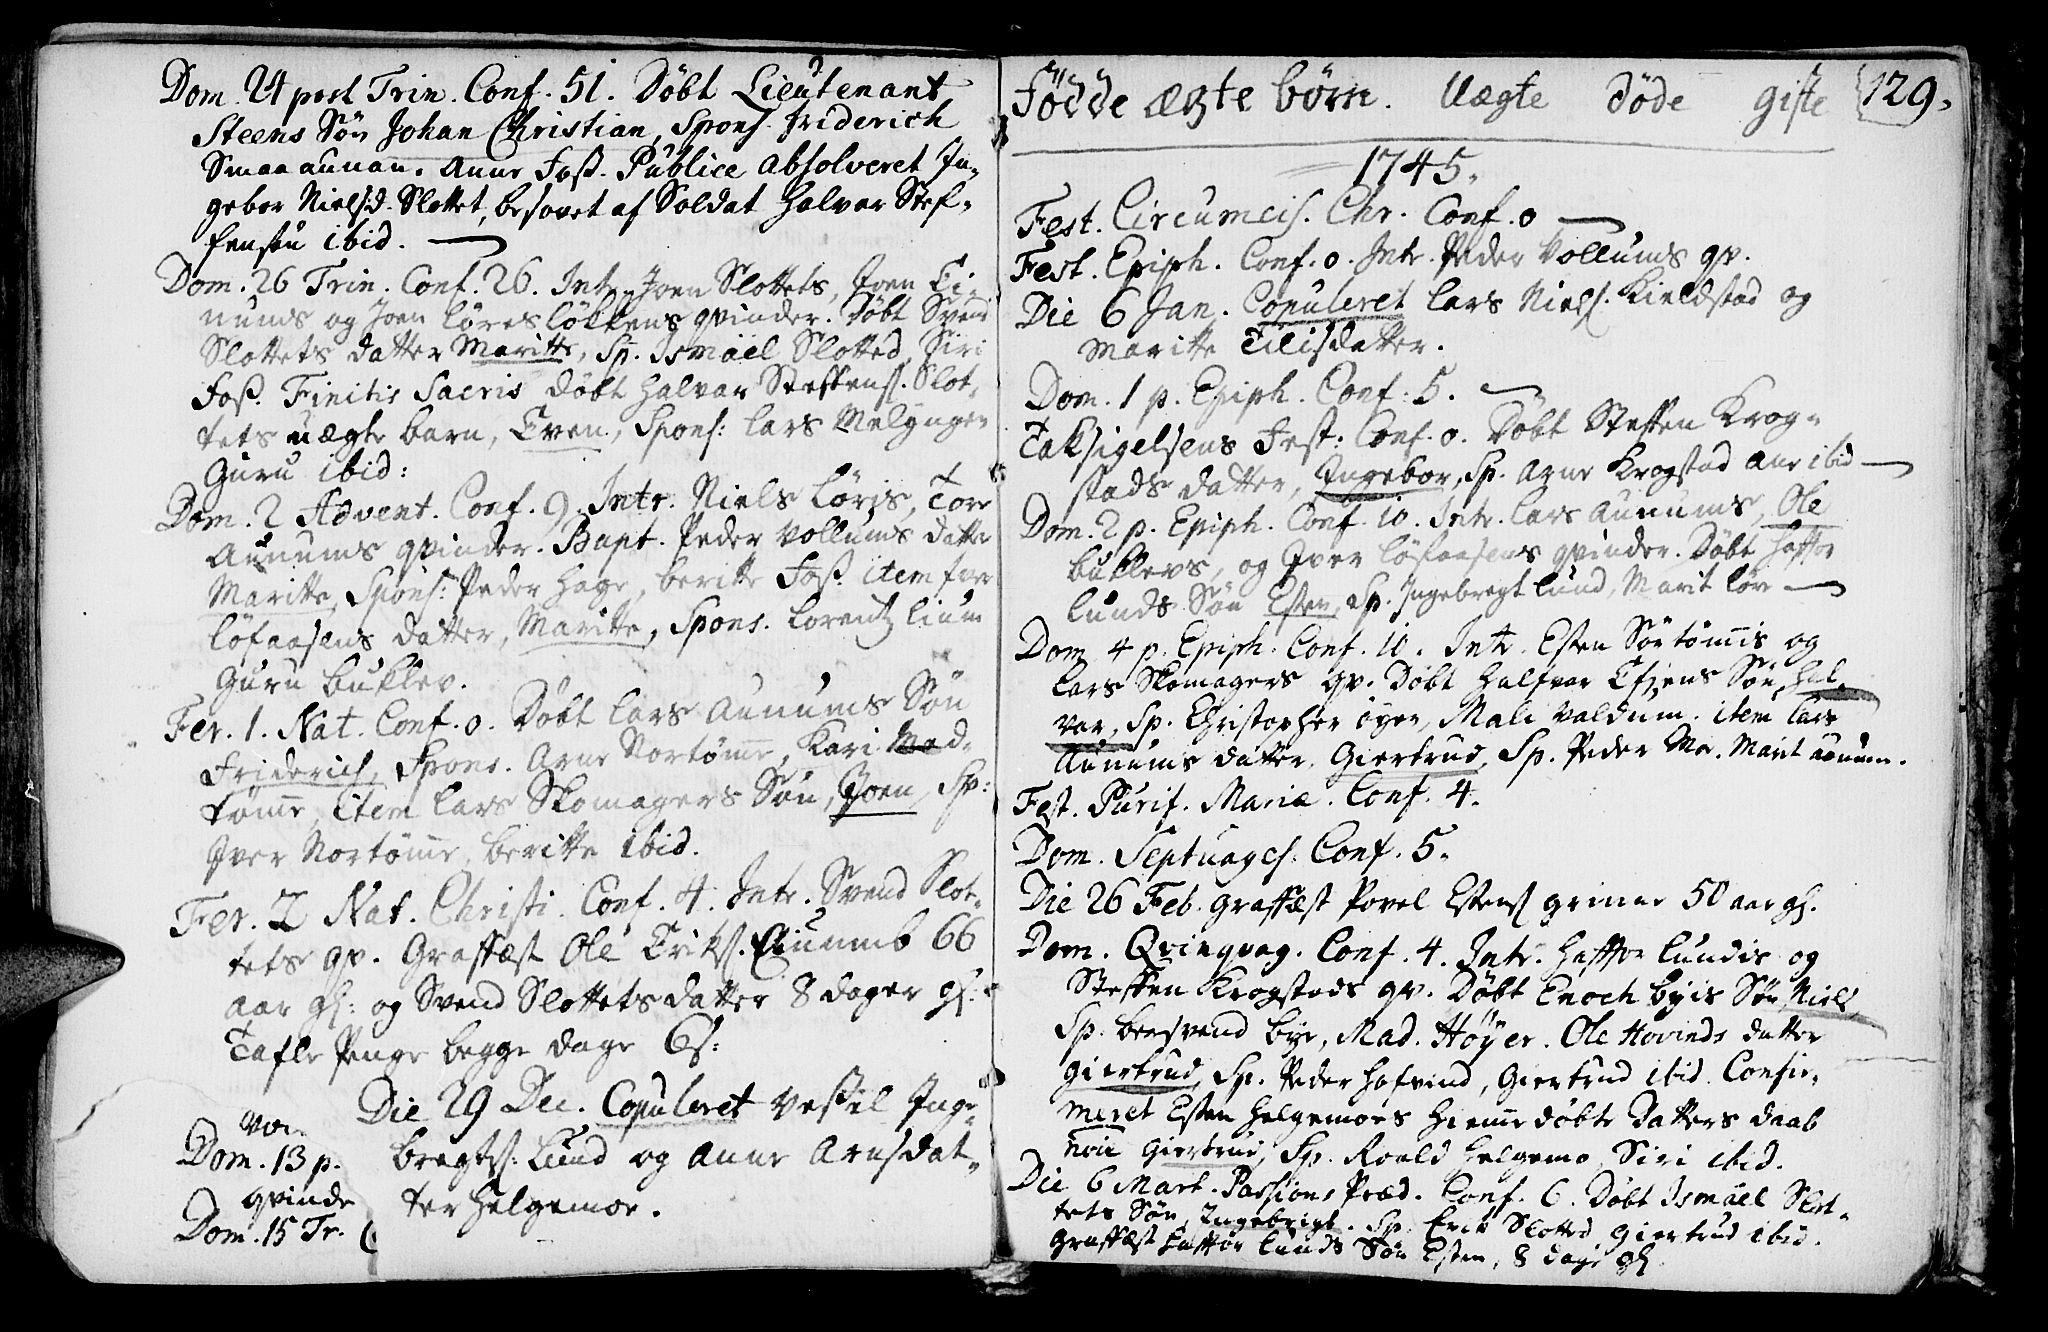 SAT, Ministerialprotokoller, klokkerbøker og fødselsregistre - Sør-Trøndelag, 692/L1101: Ministerialbok nr. 692A01, 1690-1746, s. 129